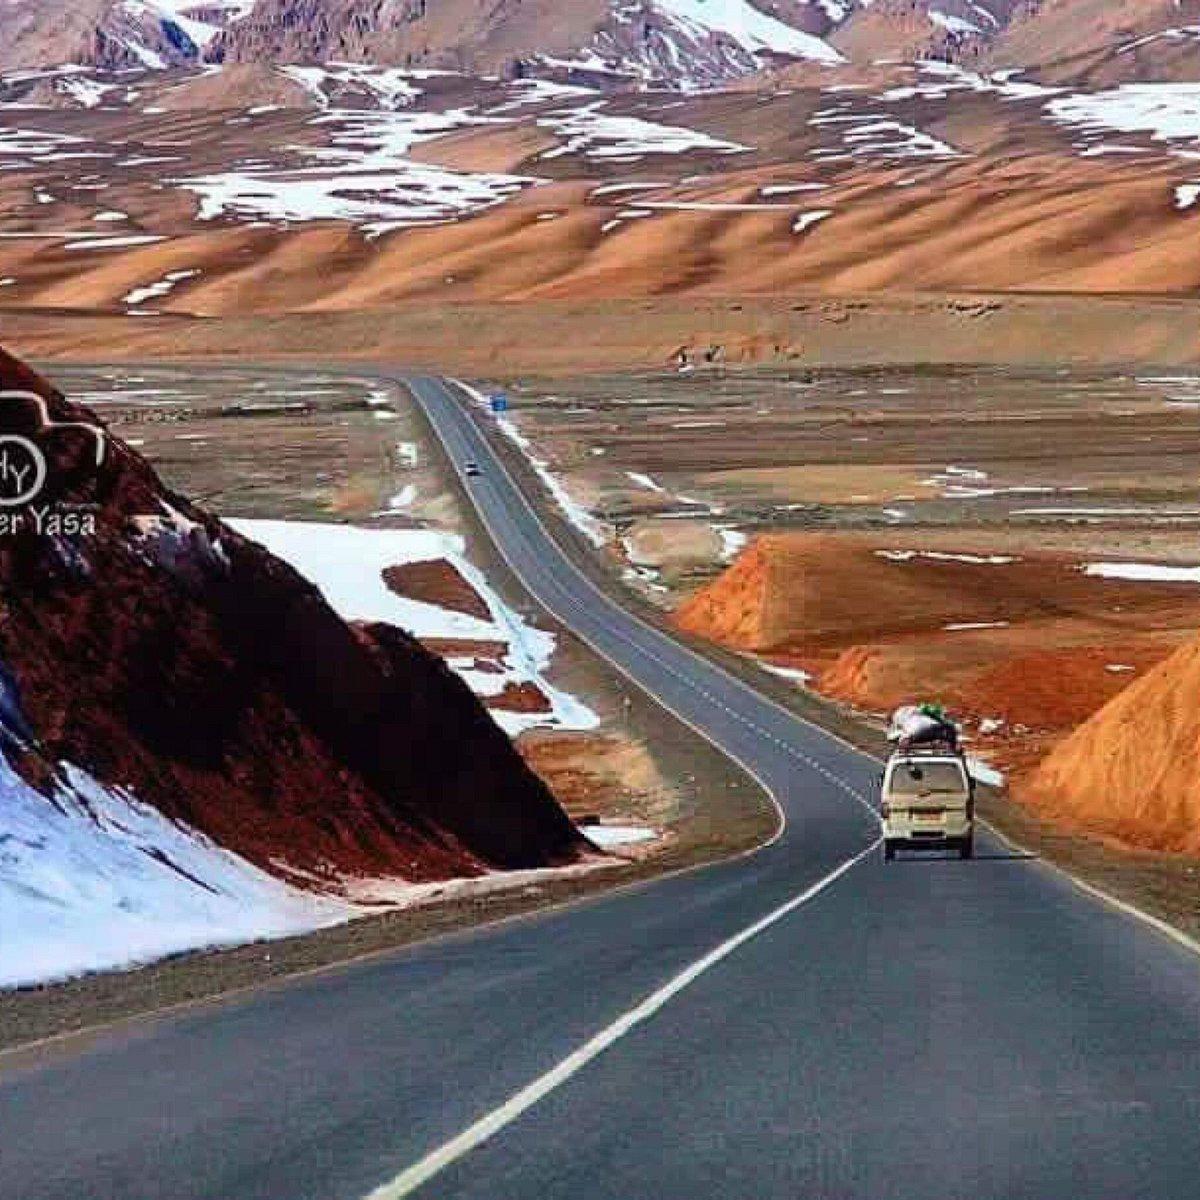 طرق ممهدة بين جبال تكسوها الثلوج